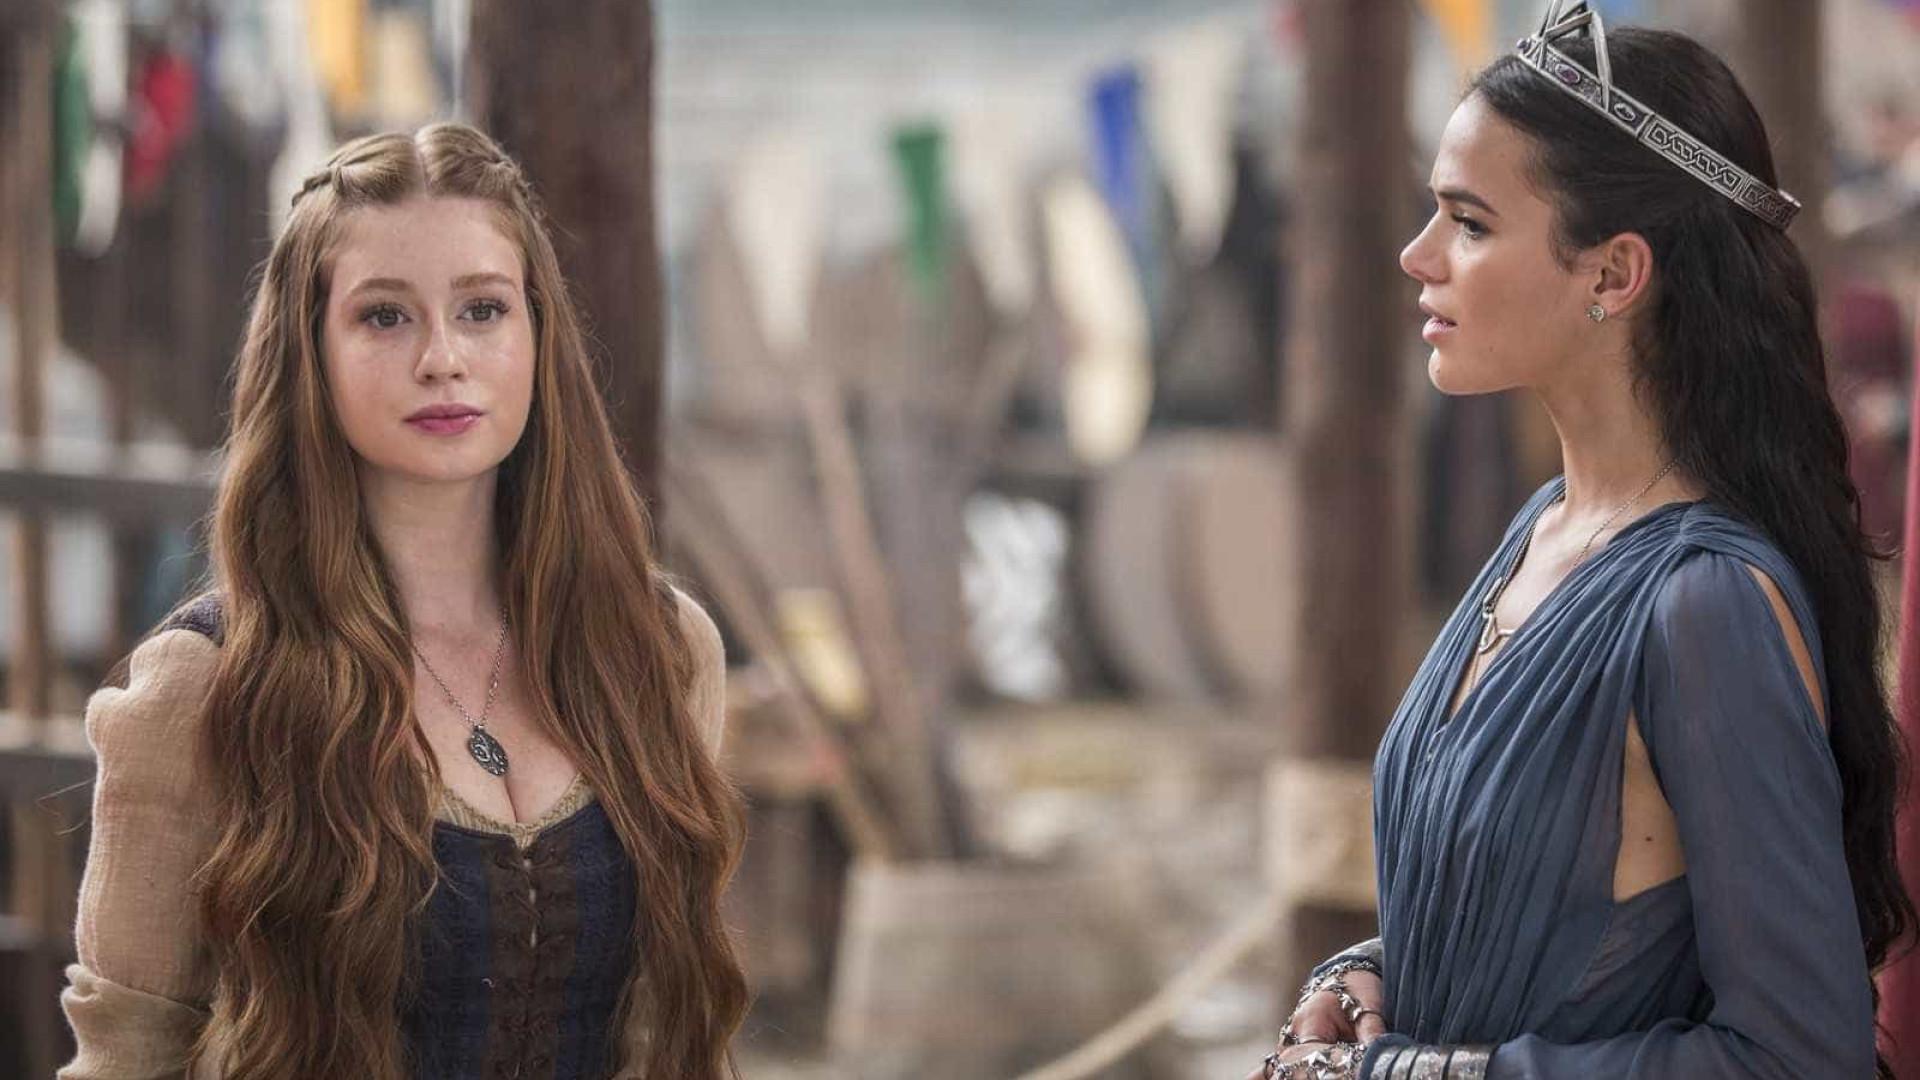 Globo cria estratégia para final de Marquezine e Marina em novela